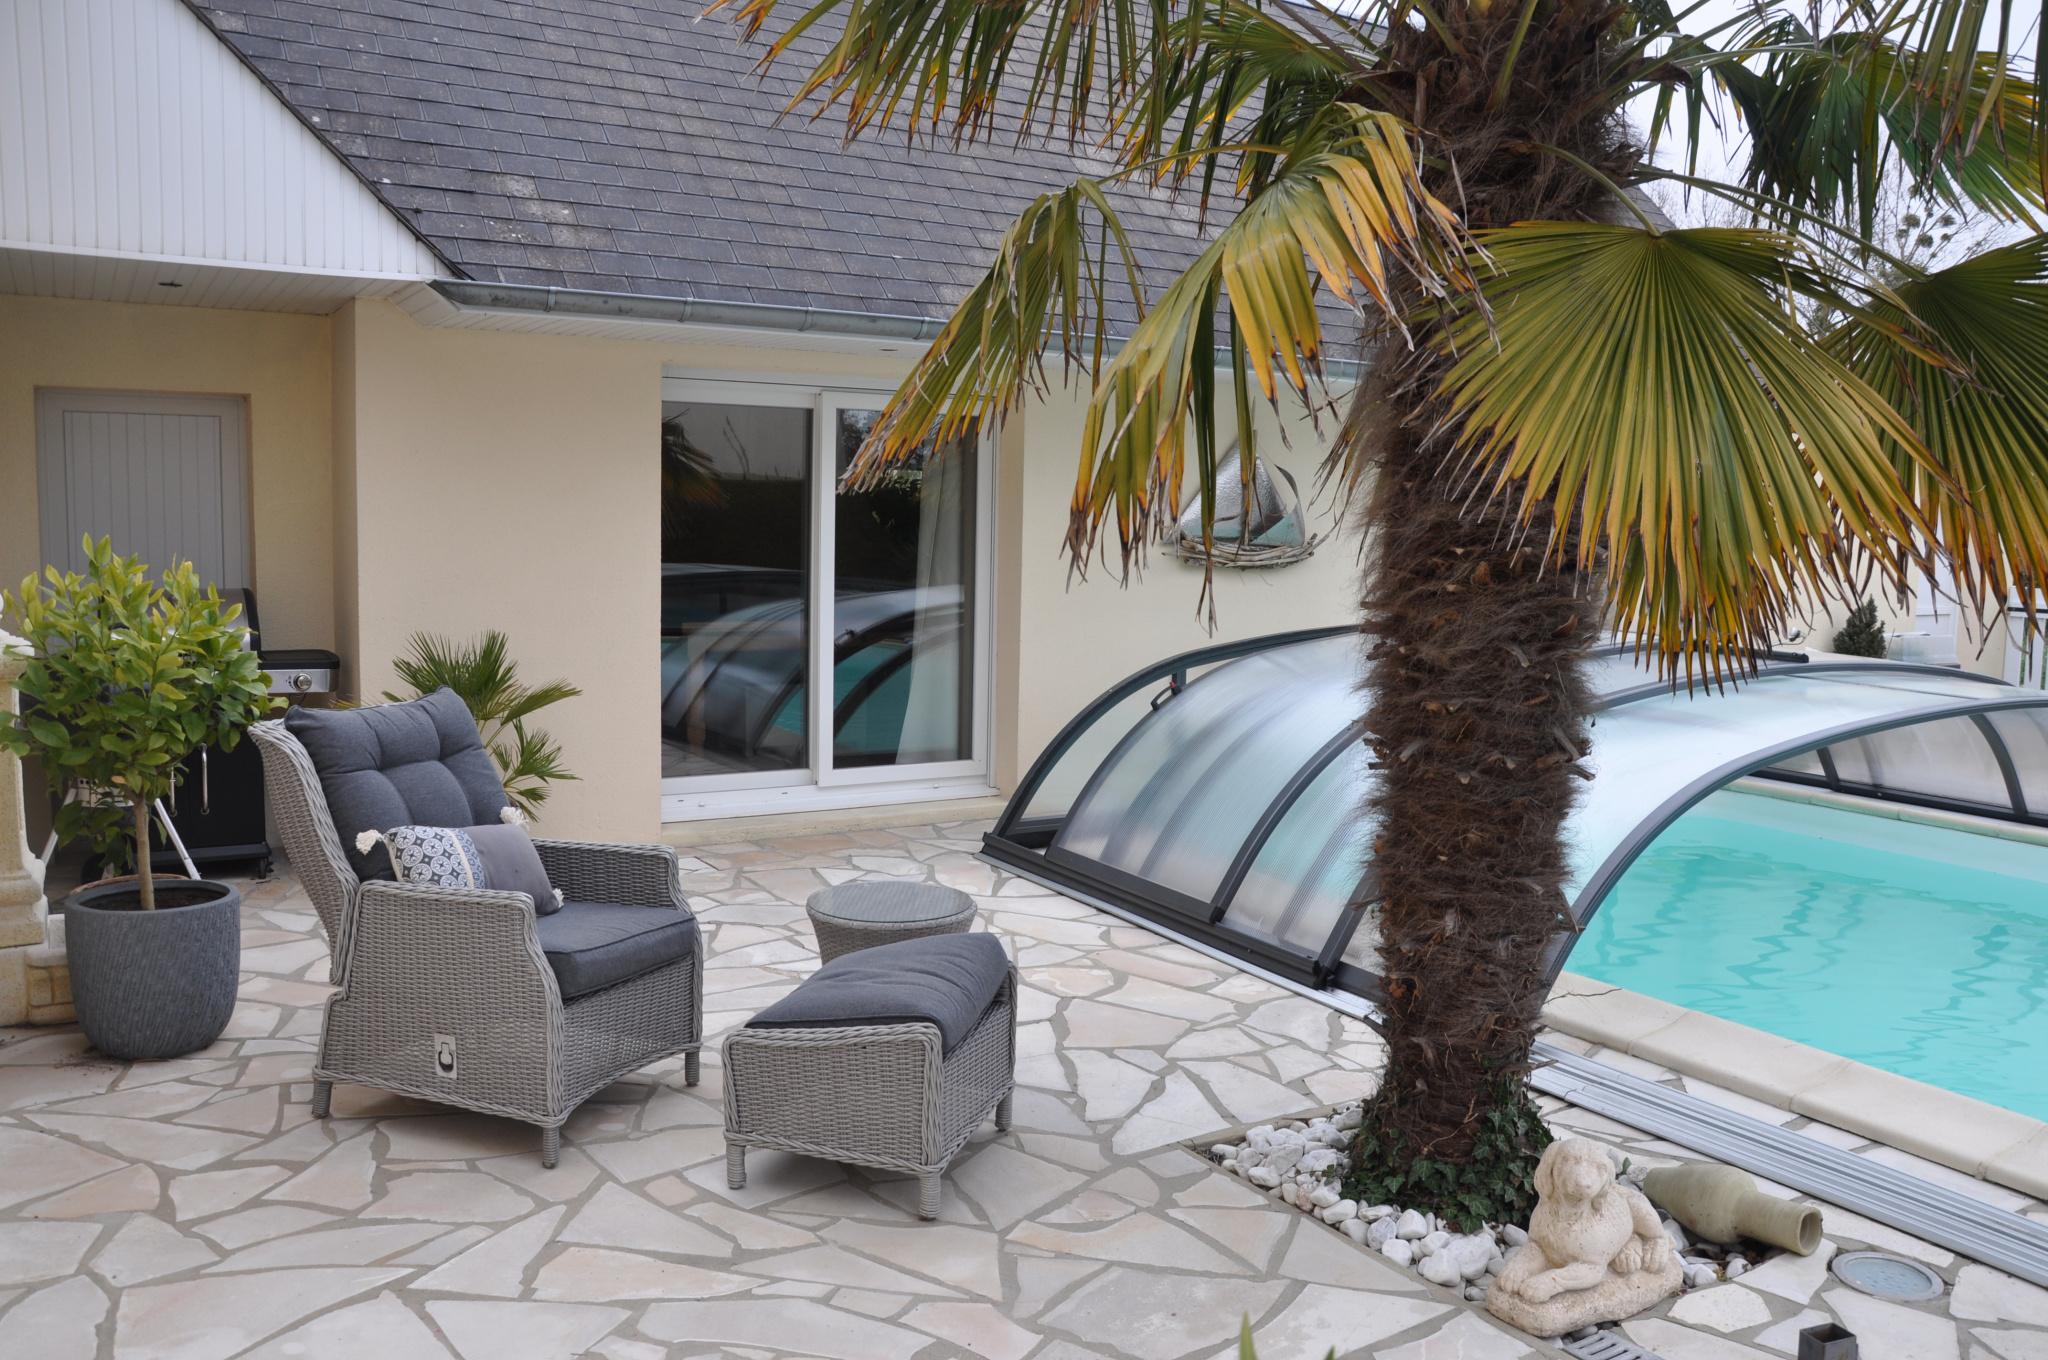 Maison à hauteville-sur-mer |  445 000 €